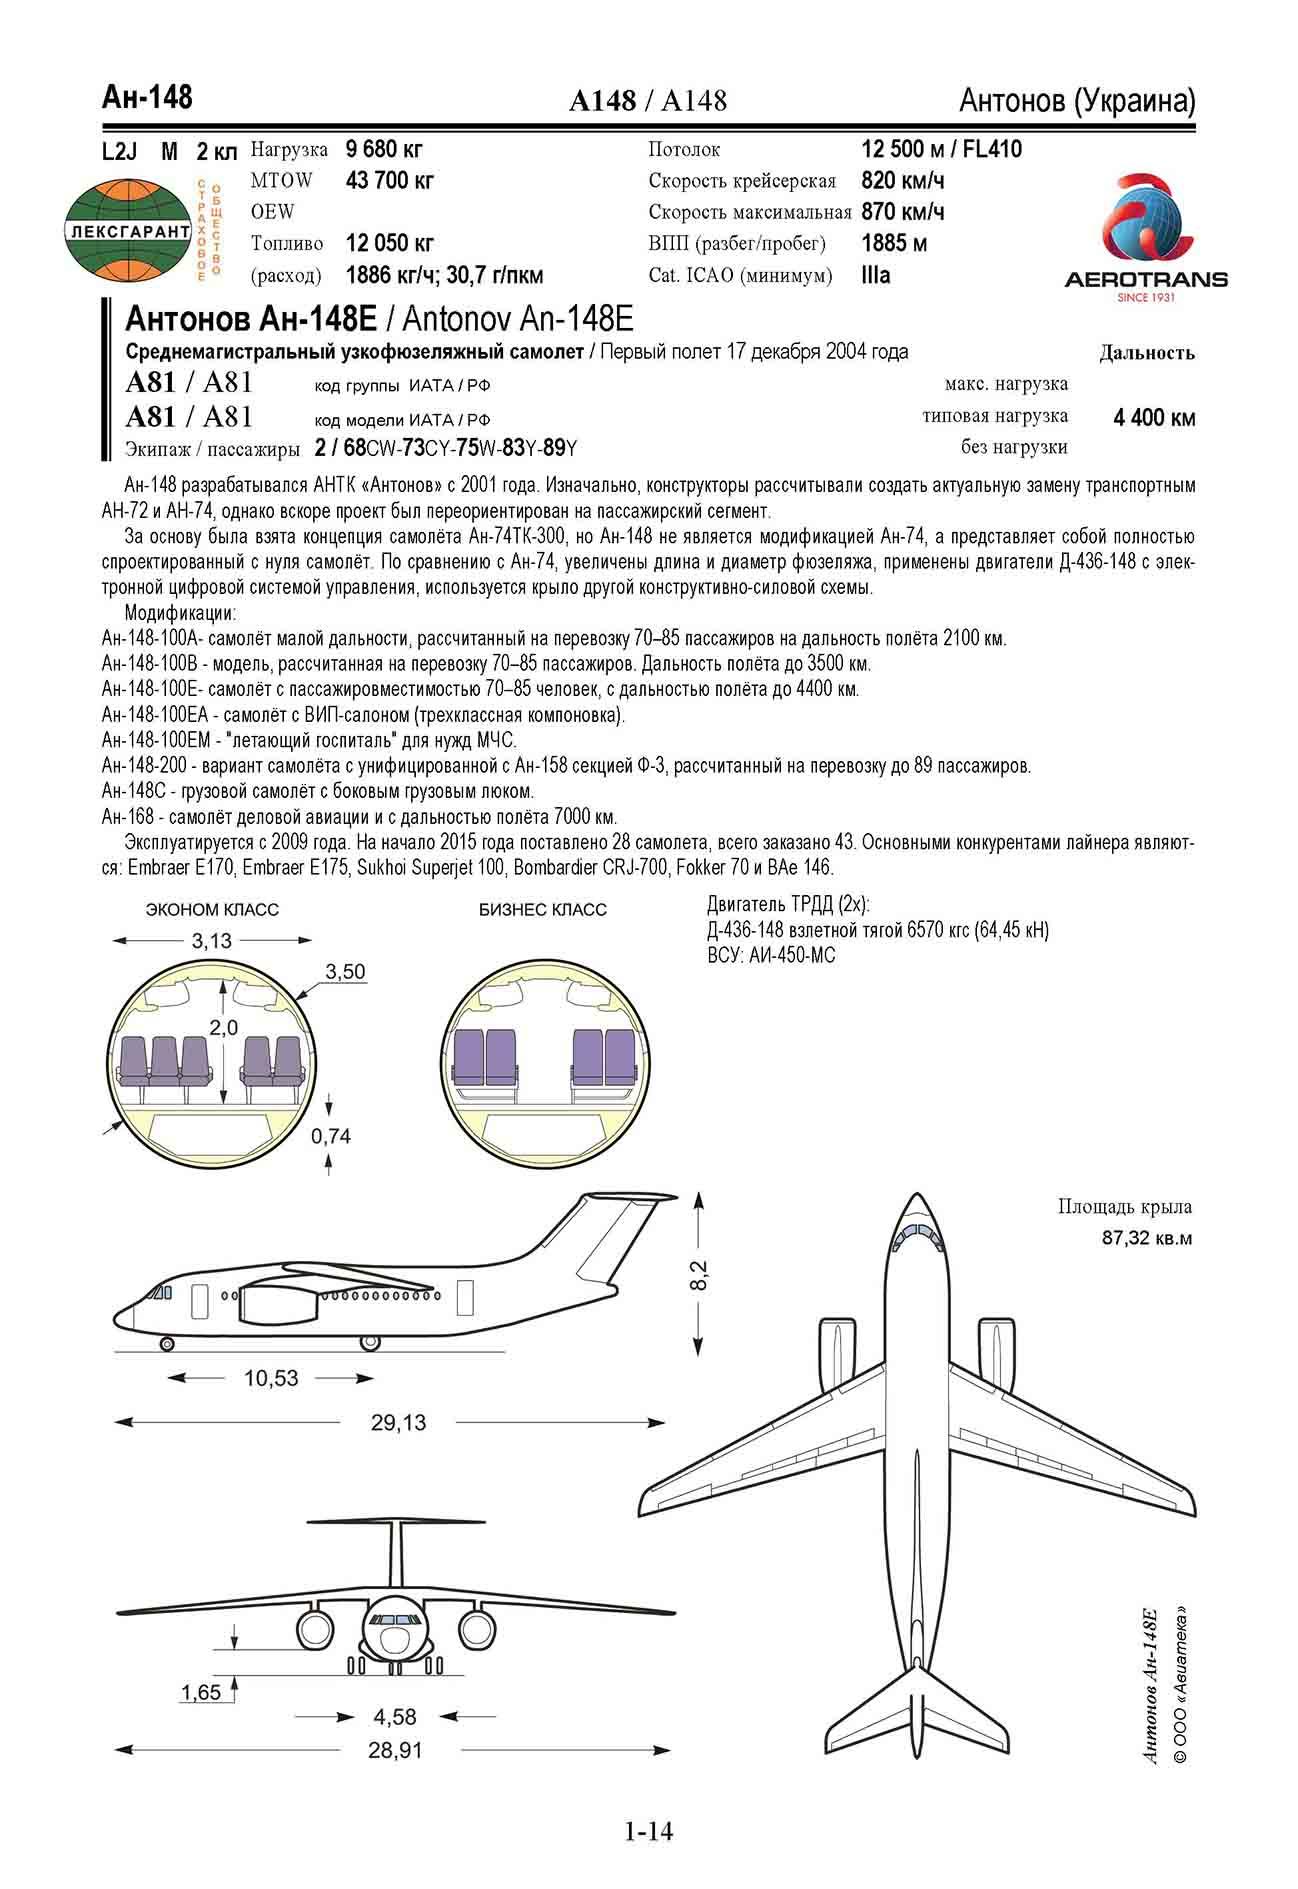 Антонов Ан-148Е. Описание, размеры, проекции, характеристики, коды, сечение